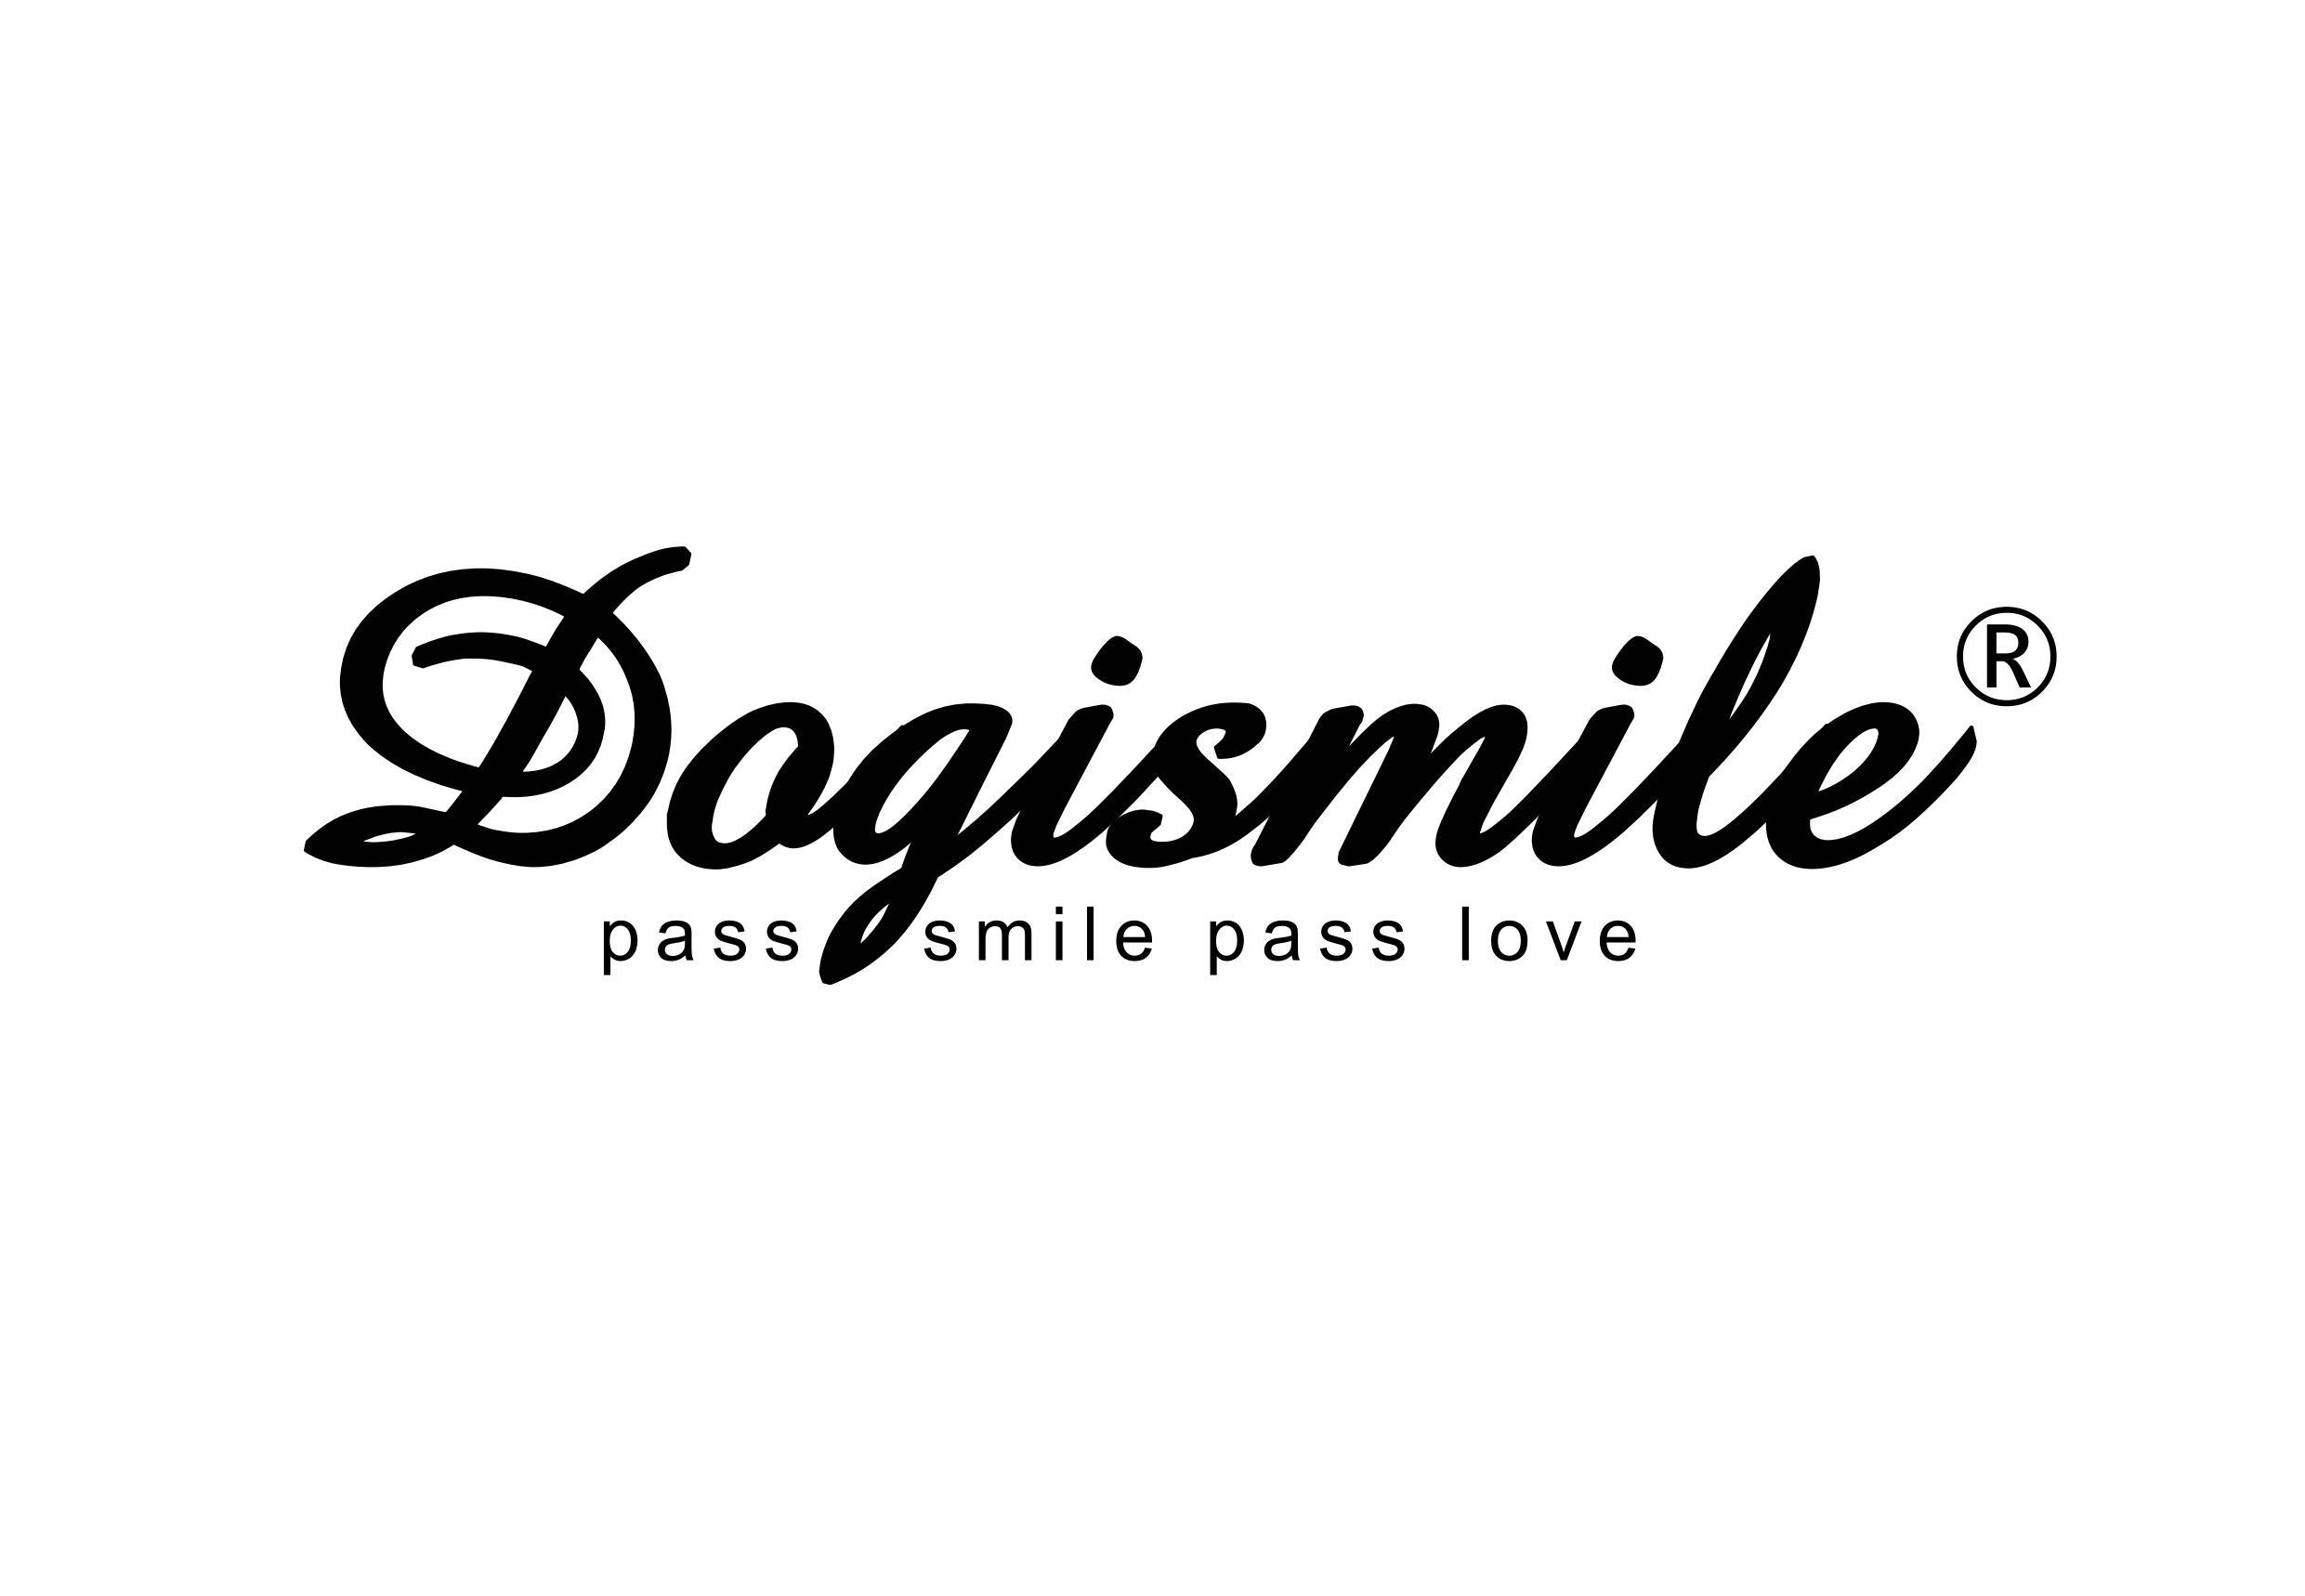 Dogismile